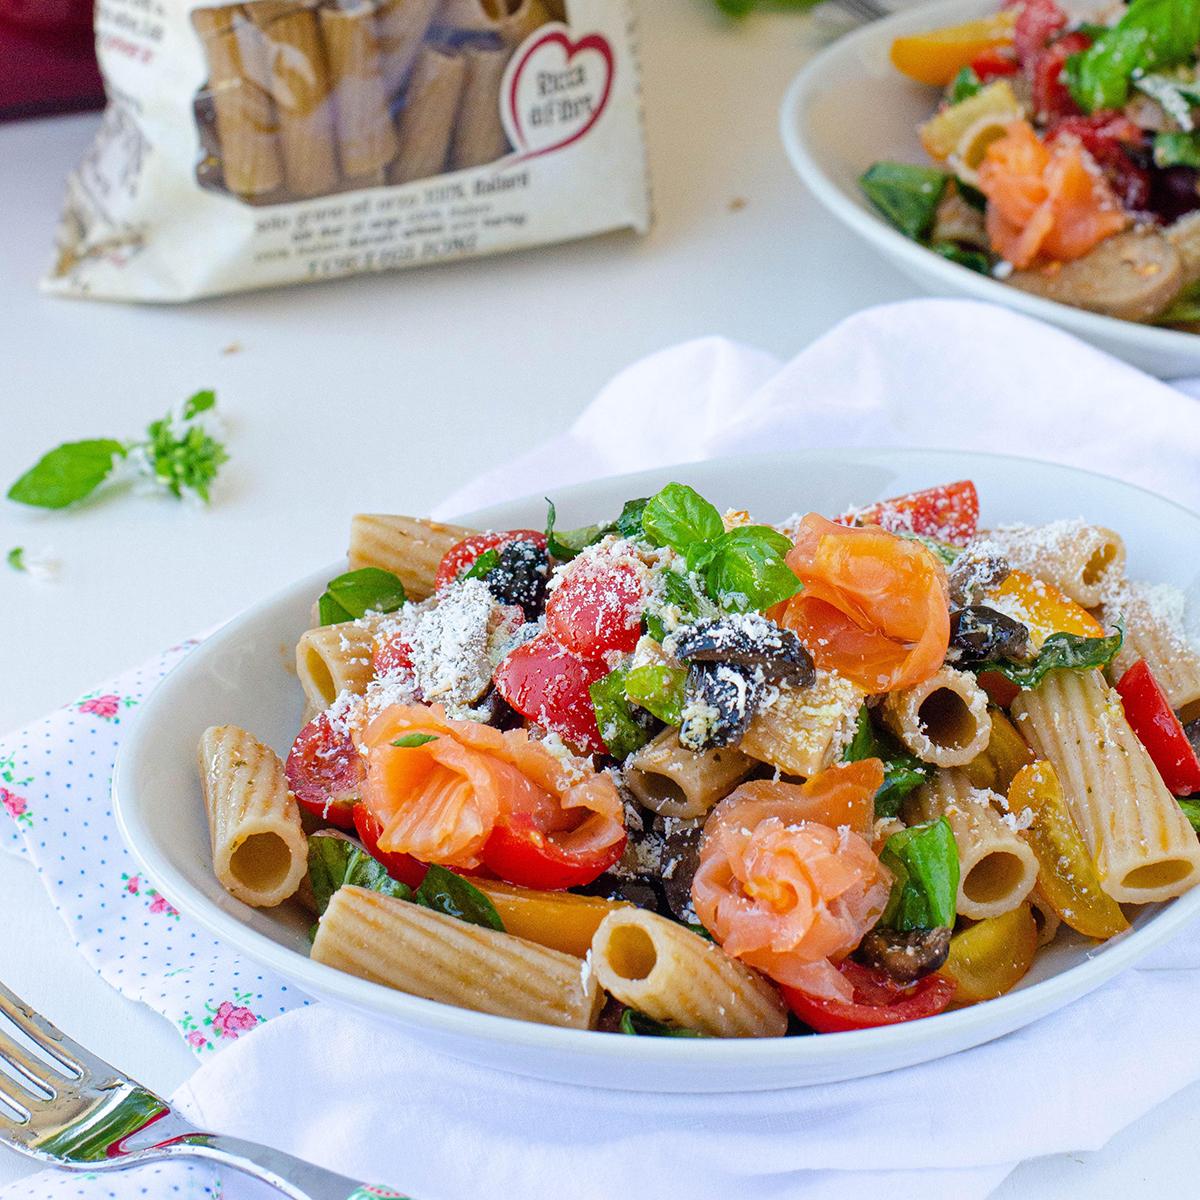 Tortiglioni Cuore Mio Bio Granoro con pomodori salmone e ricotta marzotica